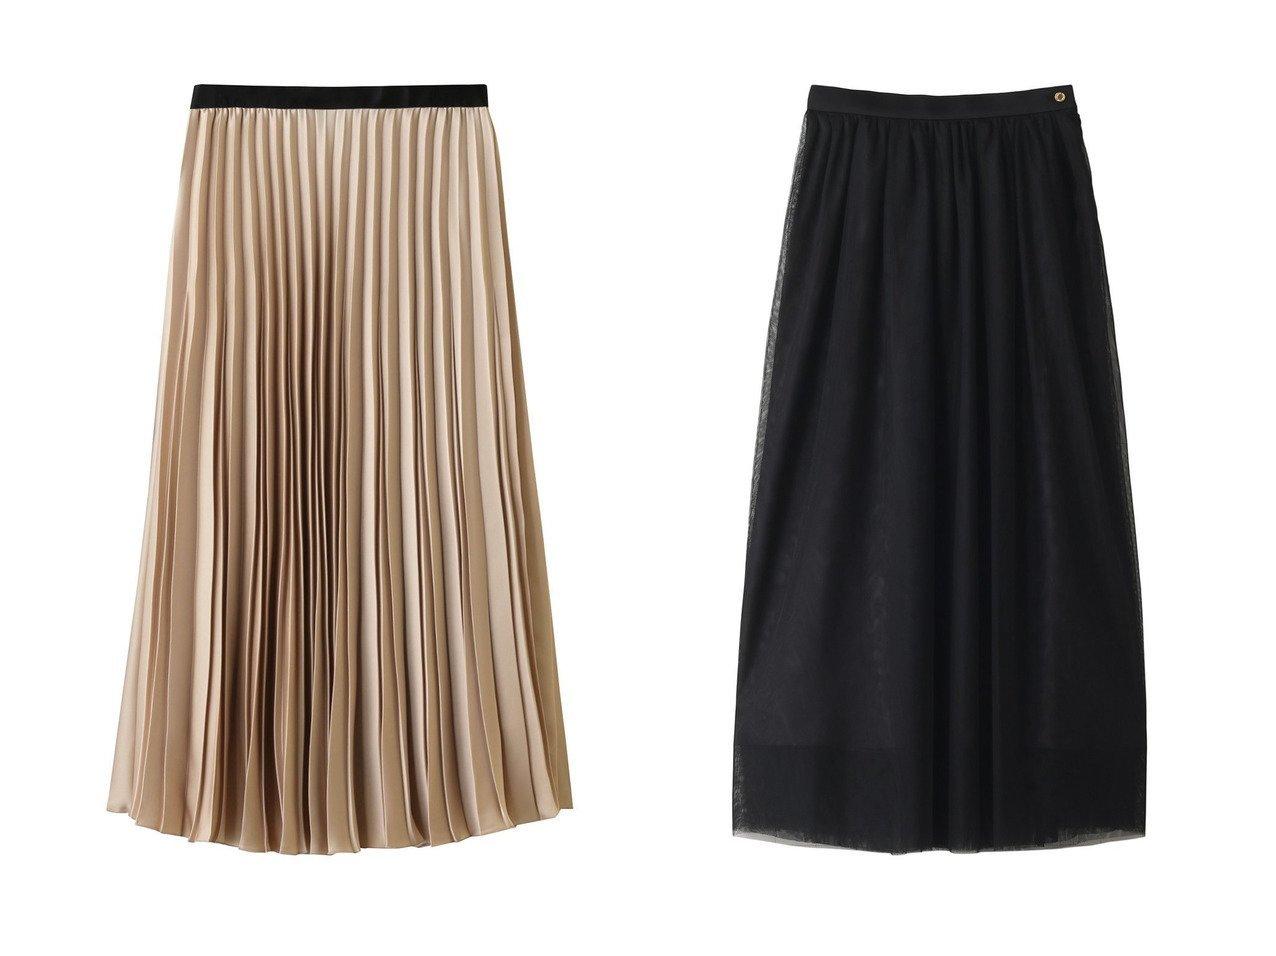 【ANAYI/アナイ】のサテンプリーツスカート&【allureville/アルアバイル】の【Loulou Willoughby】チュールマキシスカート スカートのおすすめ!人気、トレンド・レディースファッションの通販  おすすめで人気の流行・トレンド、ファッションの通販商品 メンズファッション・キッズファッション・インテリア・家具・レディースファッション・服の通販 founy(ファニー) https://founy.com/ ファッション Fashion レディースファッション WOMEN スカート Skirt プリーツスカート Pleated Skirts ロングスカート Long Skirt 2020年 2020 2020-2021 秋冬 A/W AW Autumn/Winter / FW Fall-Winter 2020-2021 2021年 2021 2021 春夏 S/S SS Spring/Summer 2021 サテン パーティ フレア プリーツ ロング 春 A/W 秋冬 AW Autumn/Winter / FW Fall-Winter |ID:crp329100000009763